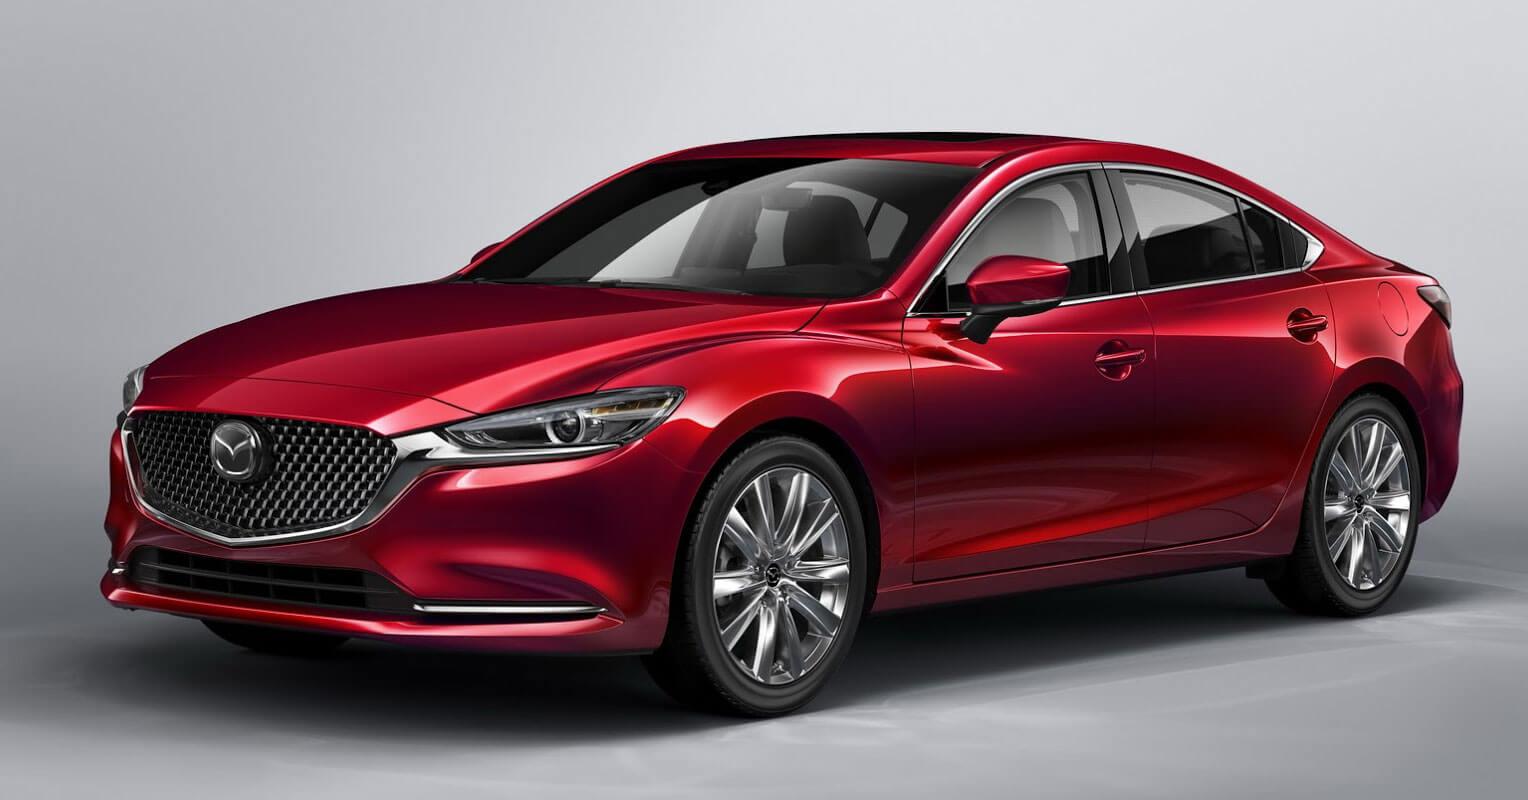 Los 8 rivales del Opel Insignia Grand Sport - Mazda 6